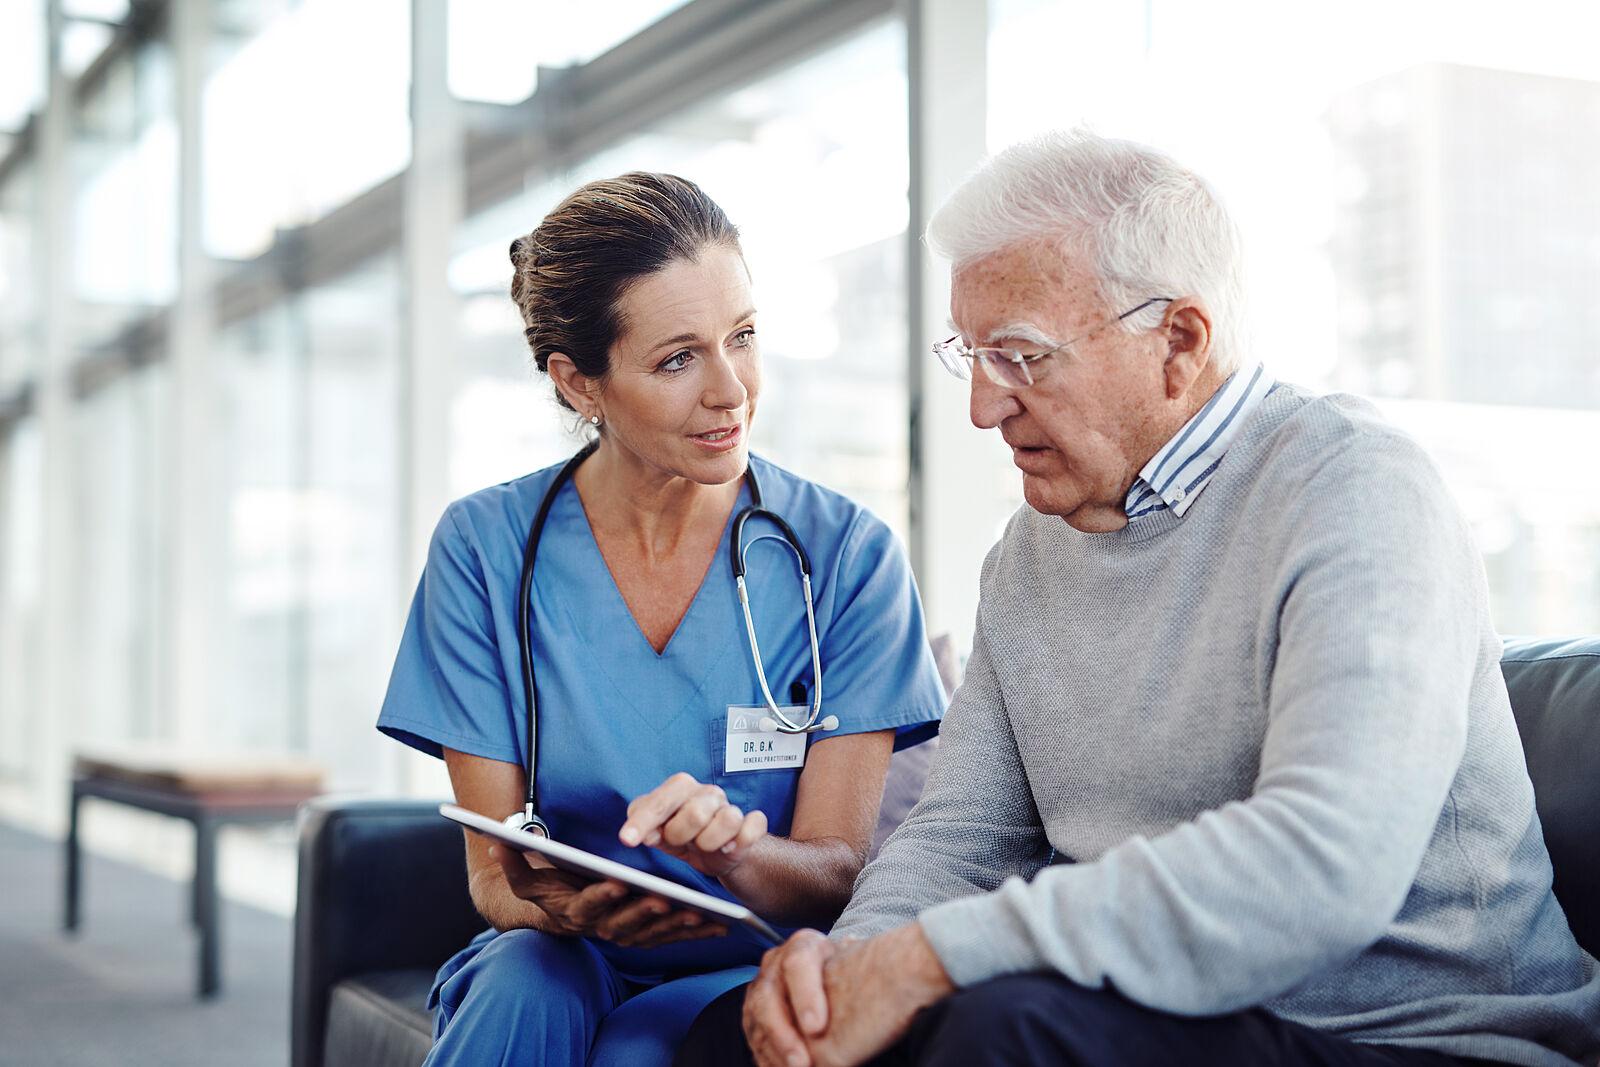 Älterer Herr wird durch medizinisches Personal im Wartebereich eines Krankenhauses beraten.